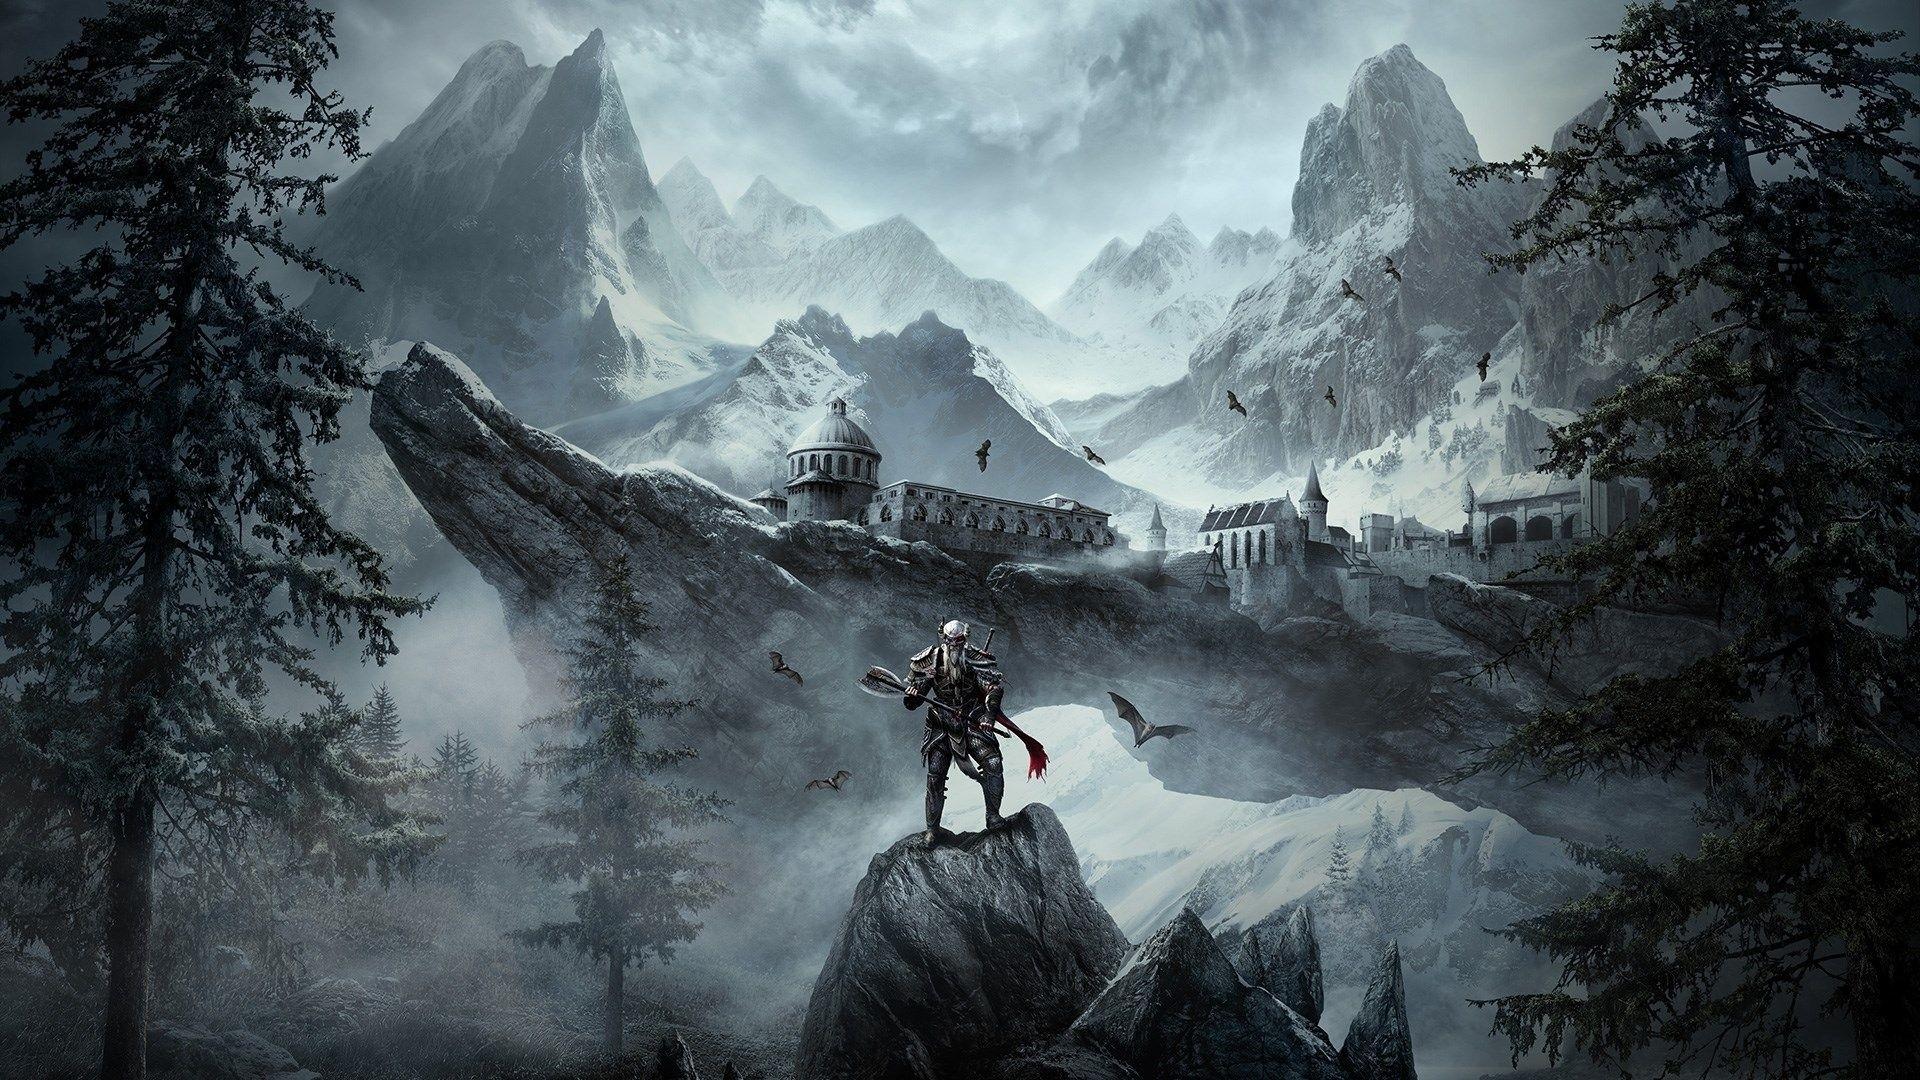 Elder Scrolls Free Wallpaper